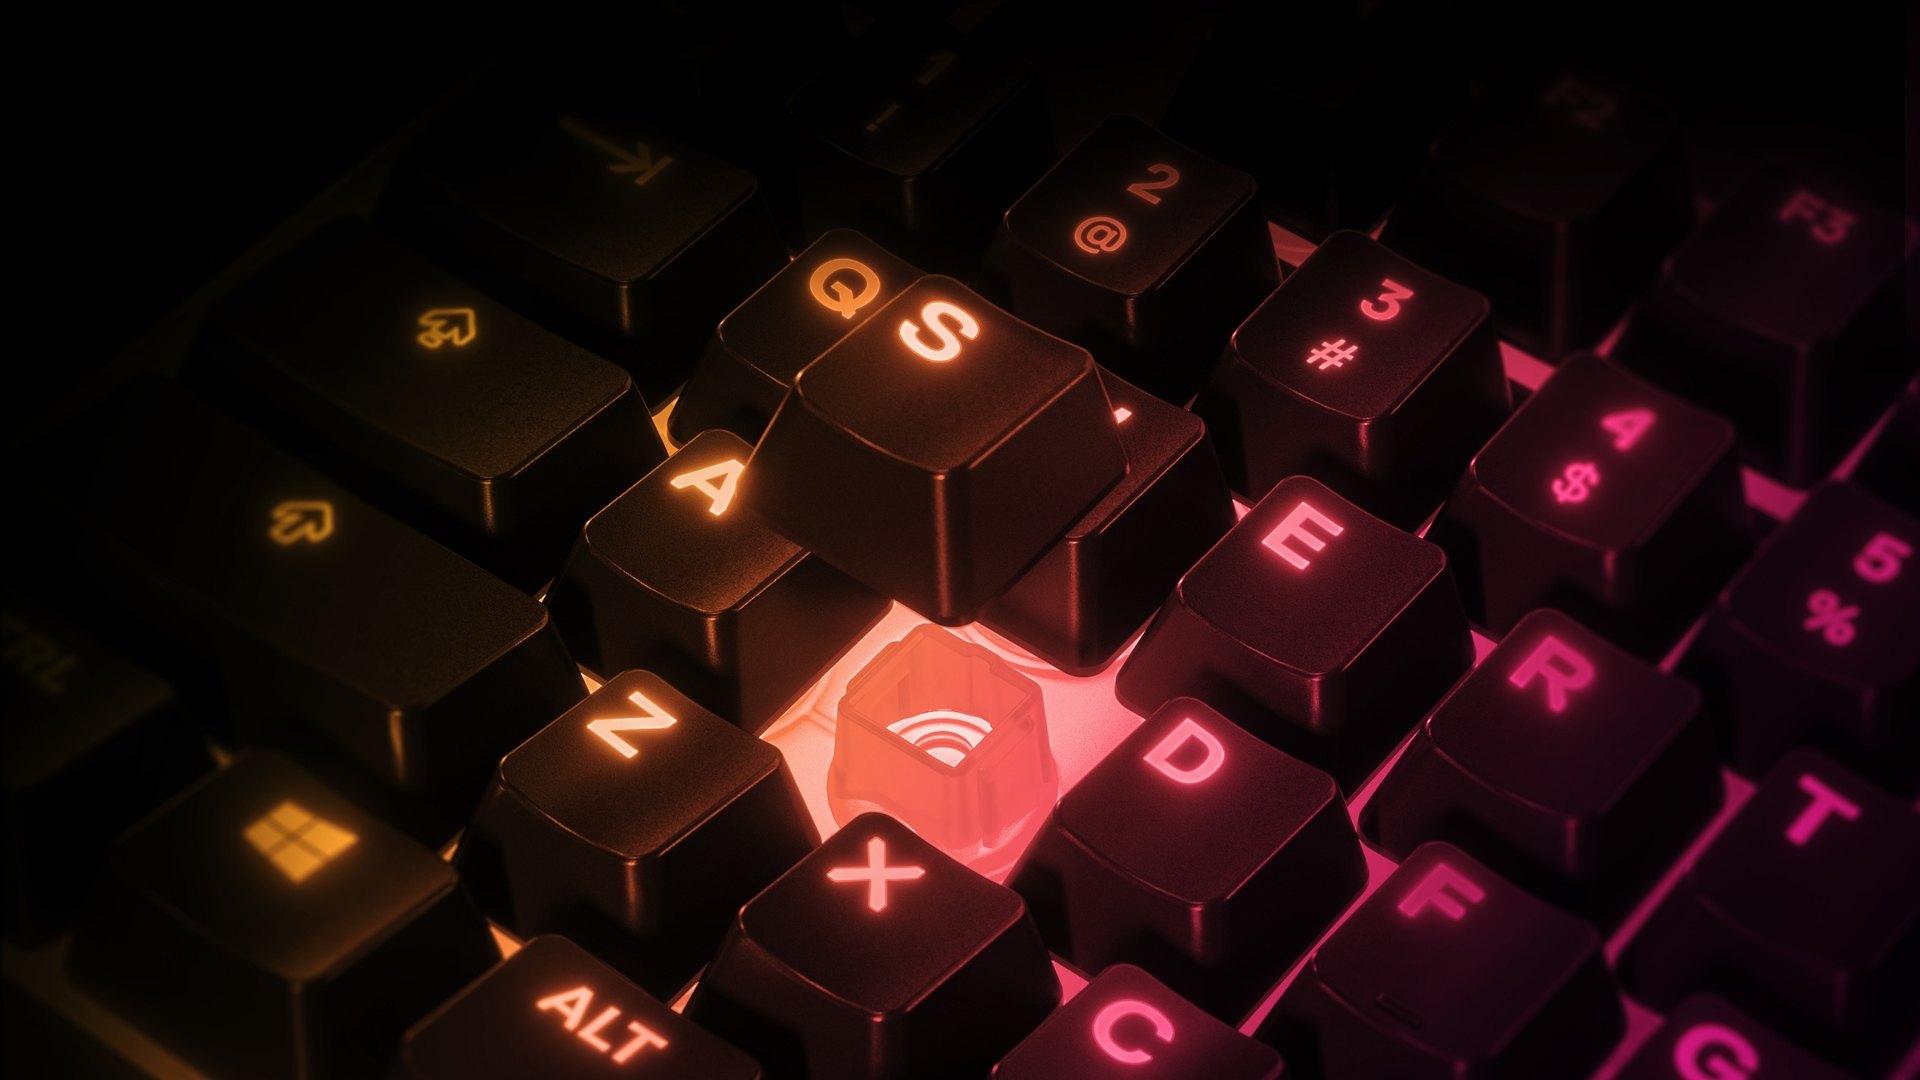 """Zur Präsentation der superleisen Membranschalter schwebt die S-Taste über der """"Apex3 TKL""""-Tastatur."""